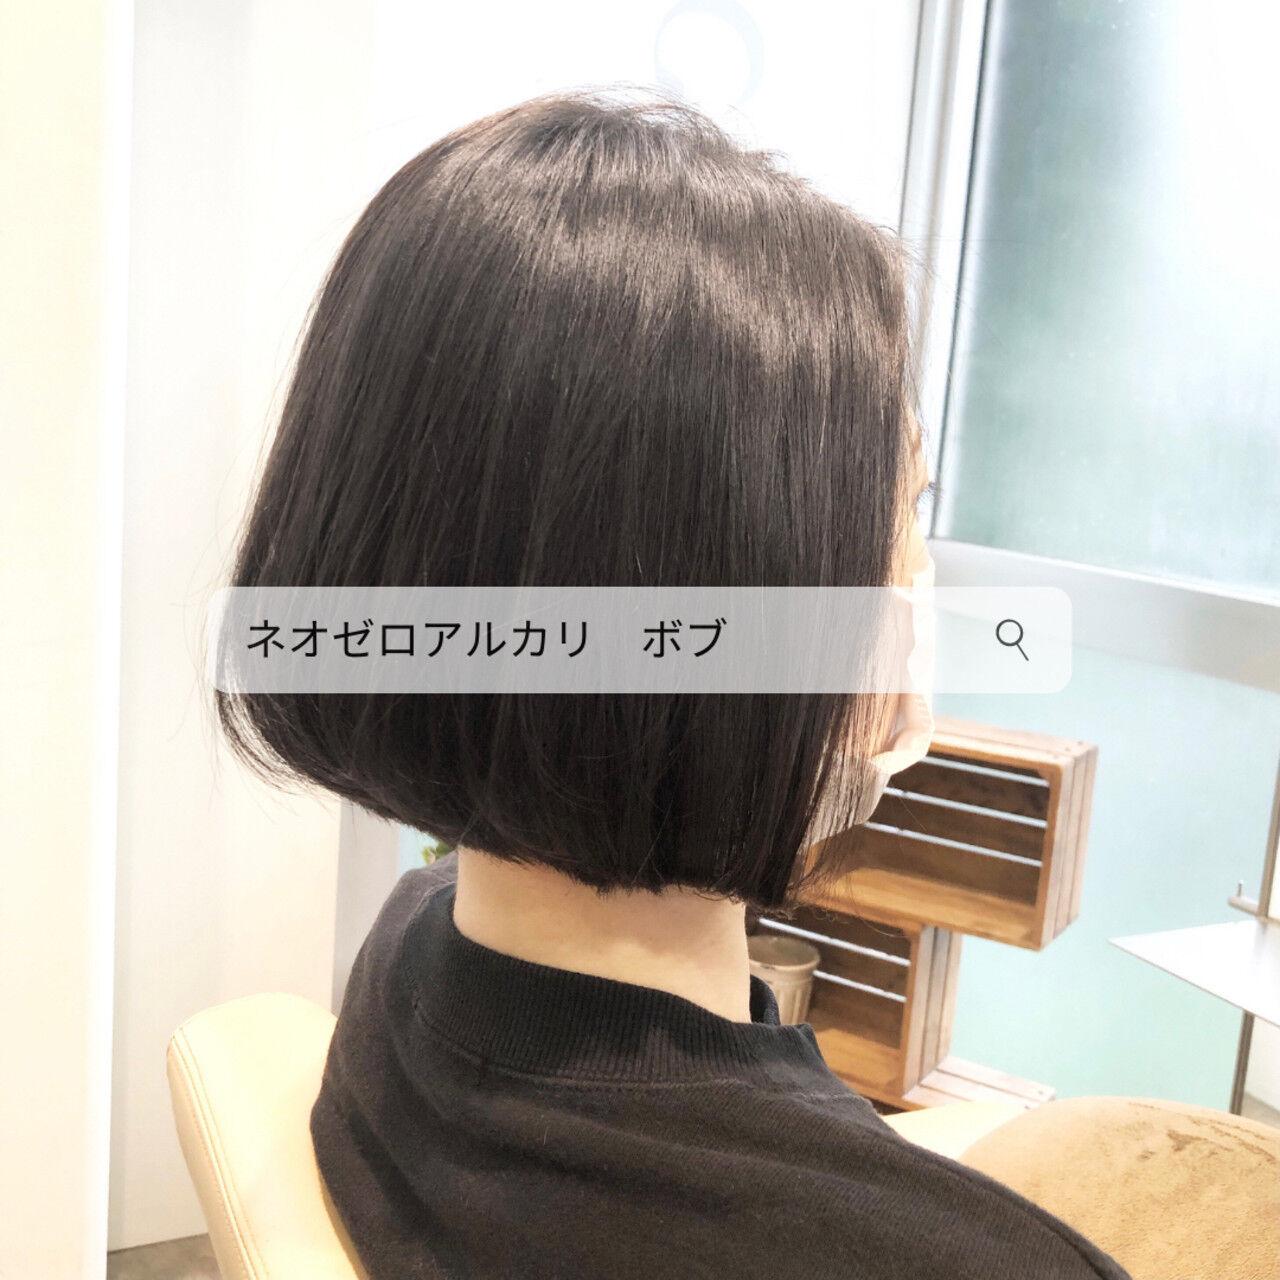 縮毛矯正 ボブ ナチュラル グレージュヘアスタイルや髪型の写真・画像